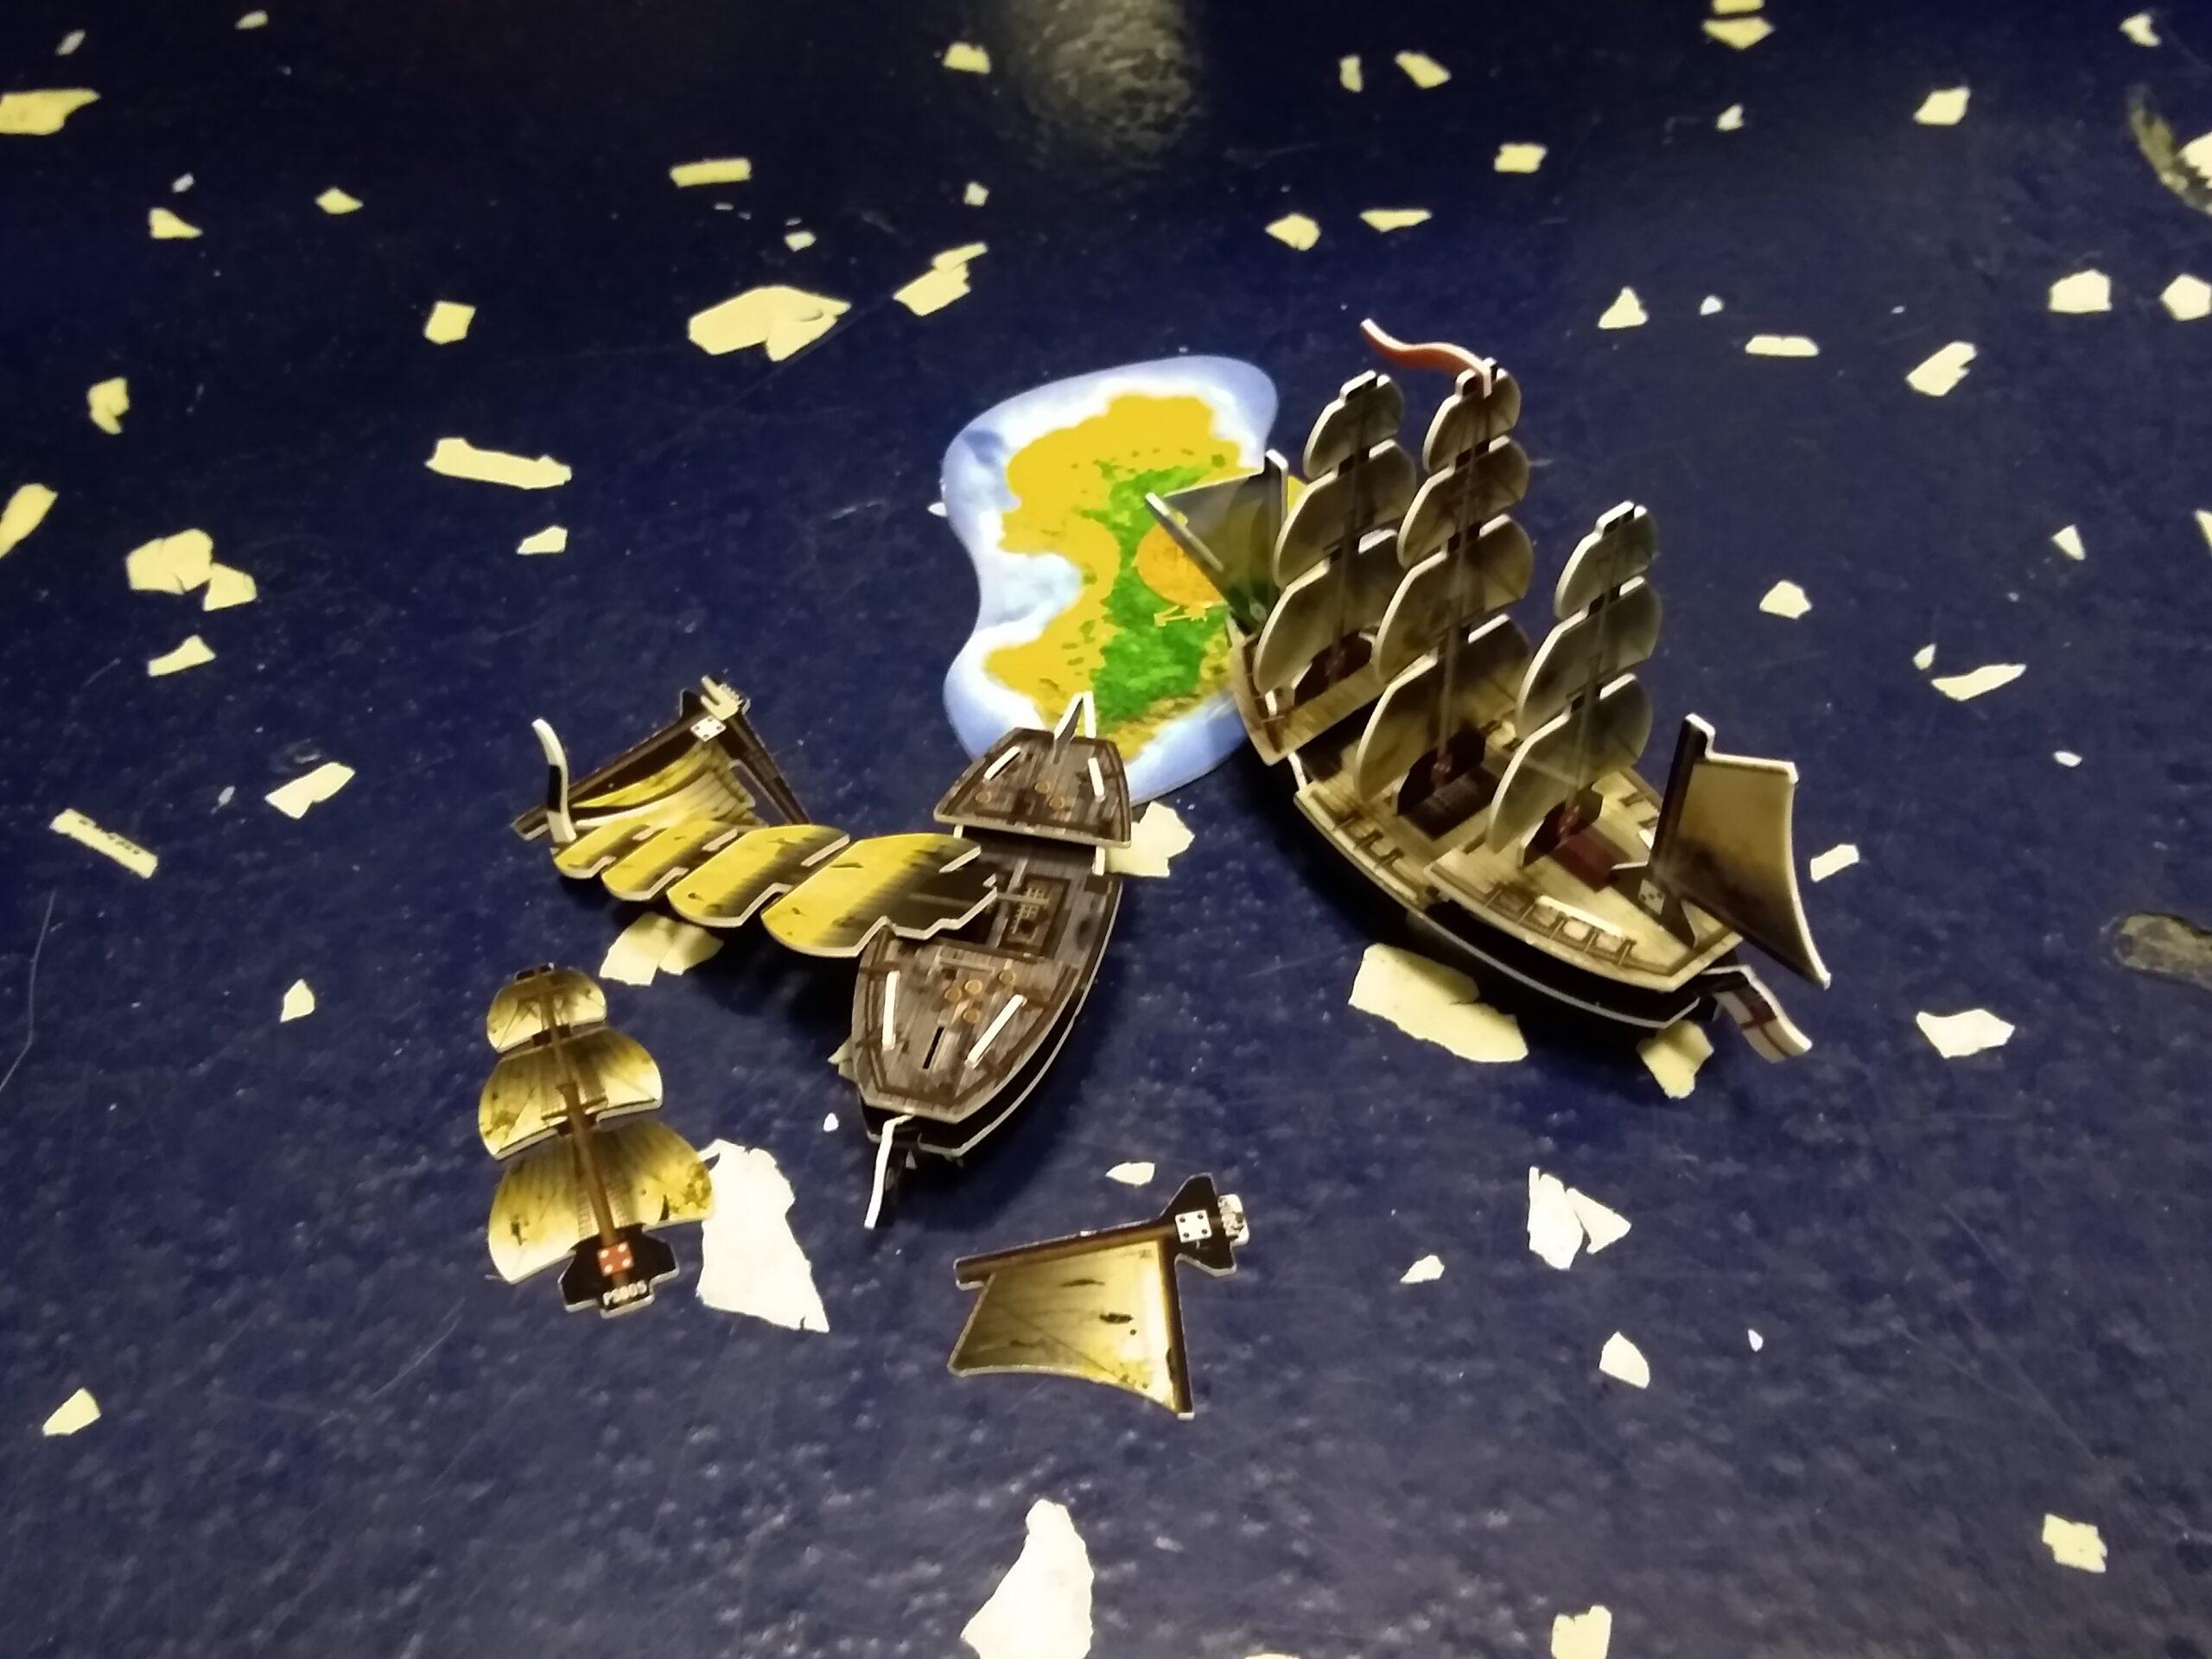 Shadow gets rekt by HMS Goliath